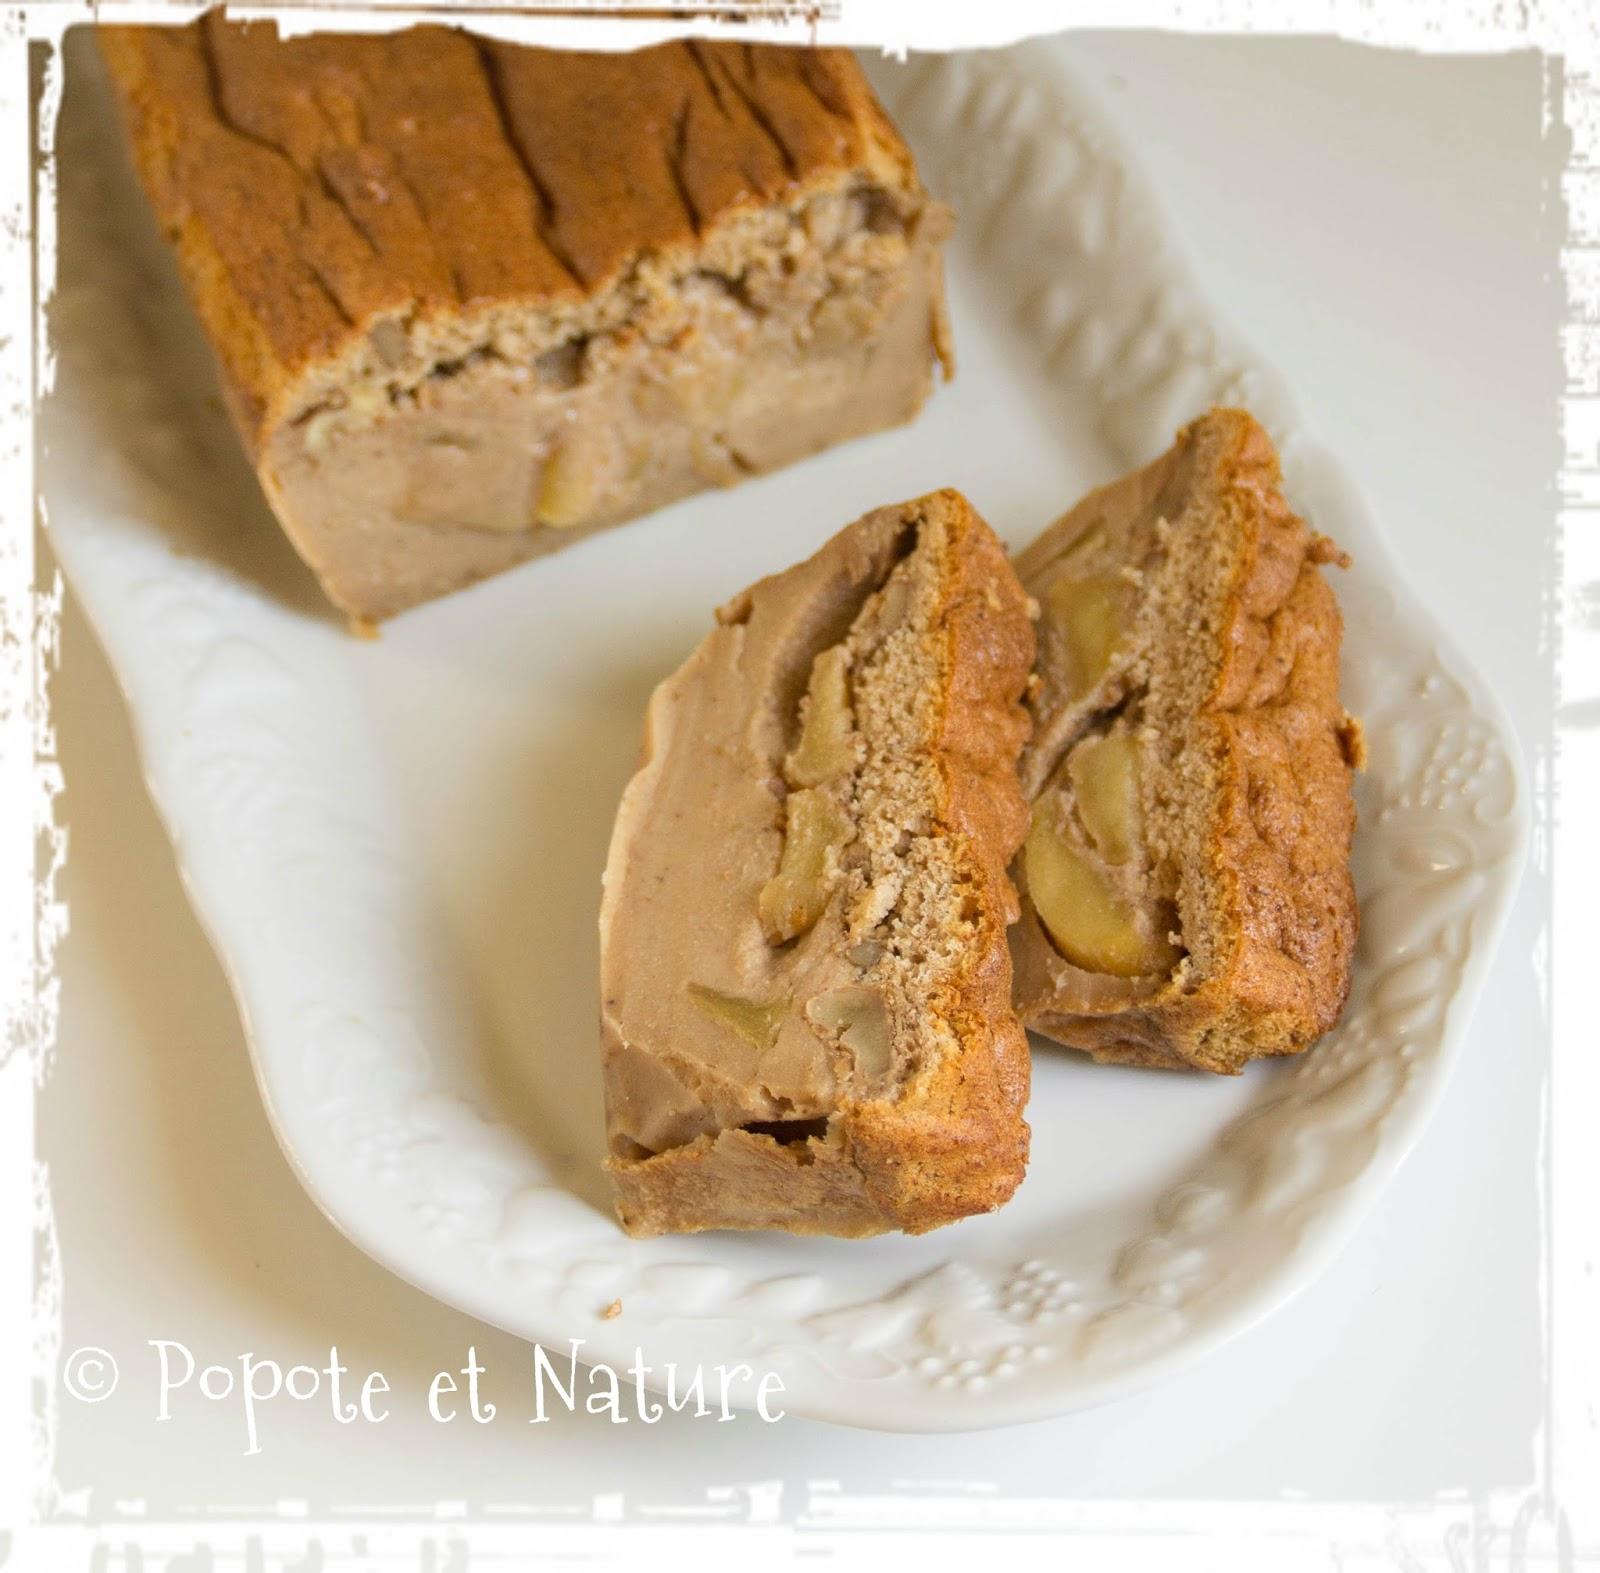 recettes de g teau magique par popote et nature g teau magique fa on pain d 39 pices avec pommes. Black Bedroom Furniture Sets. Home Design Ideas